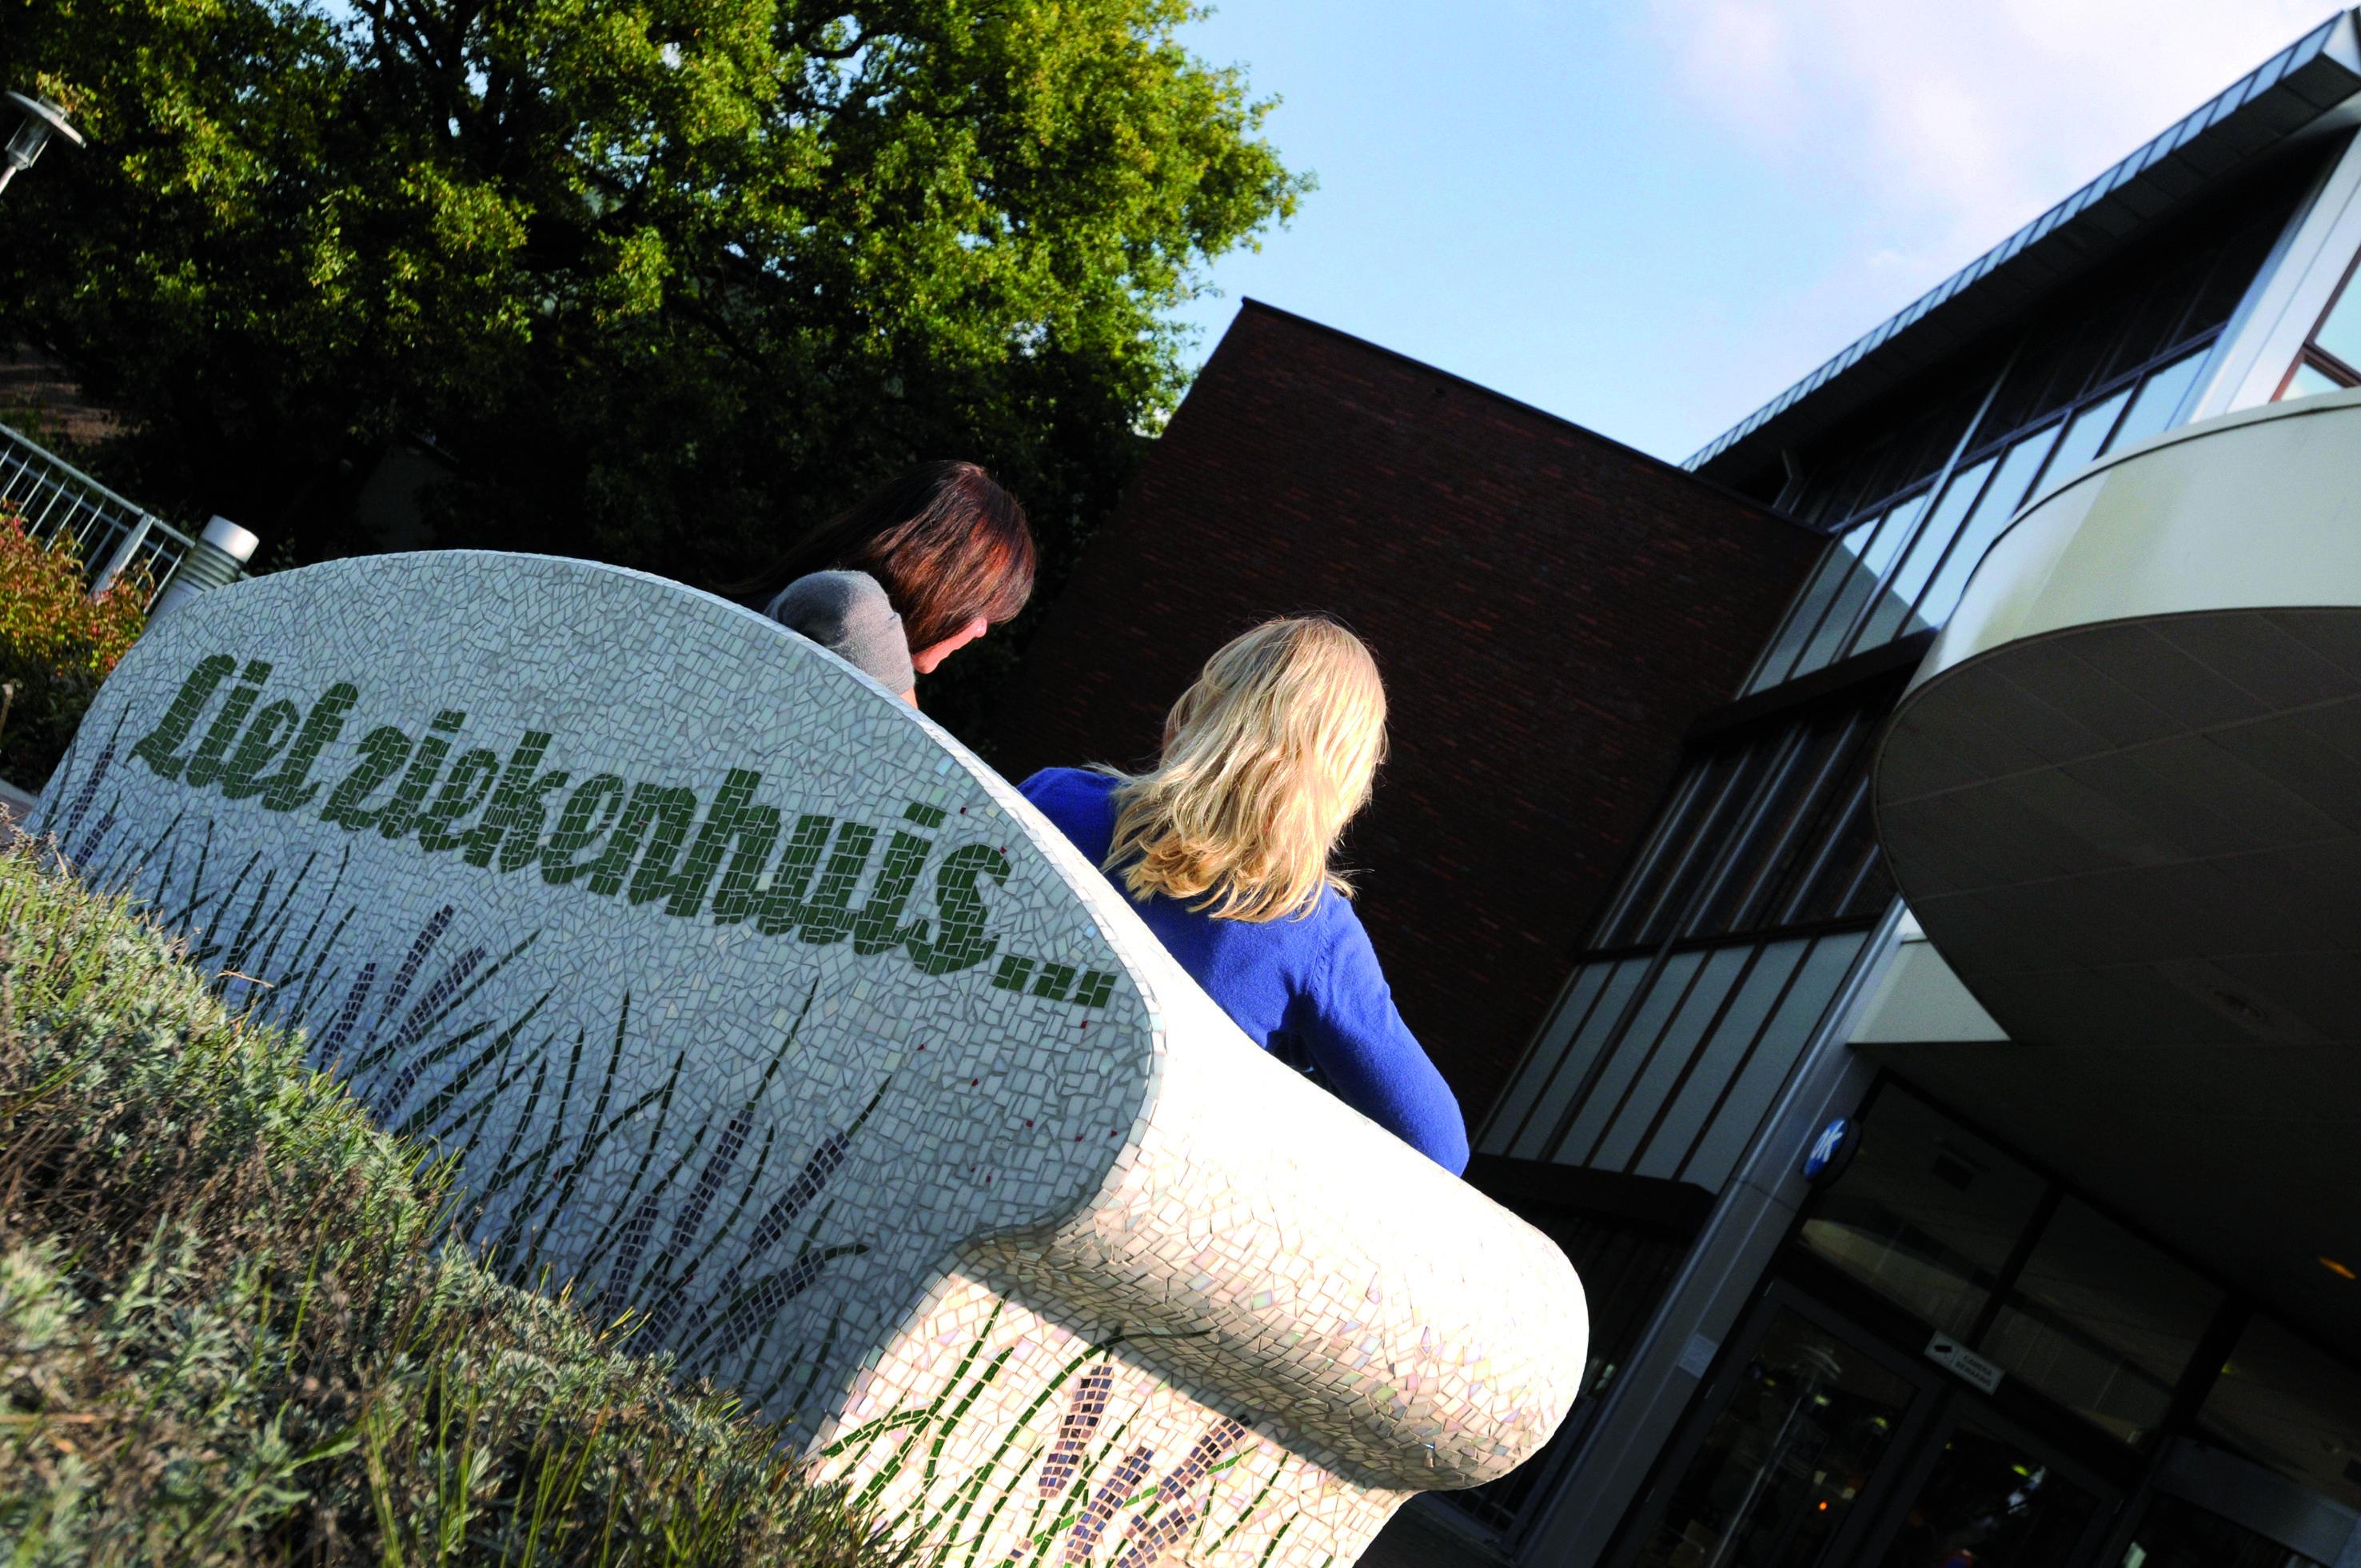 04-09-2013: Veel waardering voor 'liefste ziekenhuis van Nederland'. Hoe lief vinden patiënten het St. Elisabeth Ziekenhuis eigenlijk? Dat was de hamvraag tijdens een onlangs gehouden enquête onder vierhonderd patiënten. Uitkomst: ze zijn heel tevreden. Gemiddeld geven zij het St. Elisabeth namelijk een 8,1 als rapportcijfer.  Lees het volledige persbericht op http://www.elisabeth.nl/@115902/patienten-geven-st/